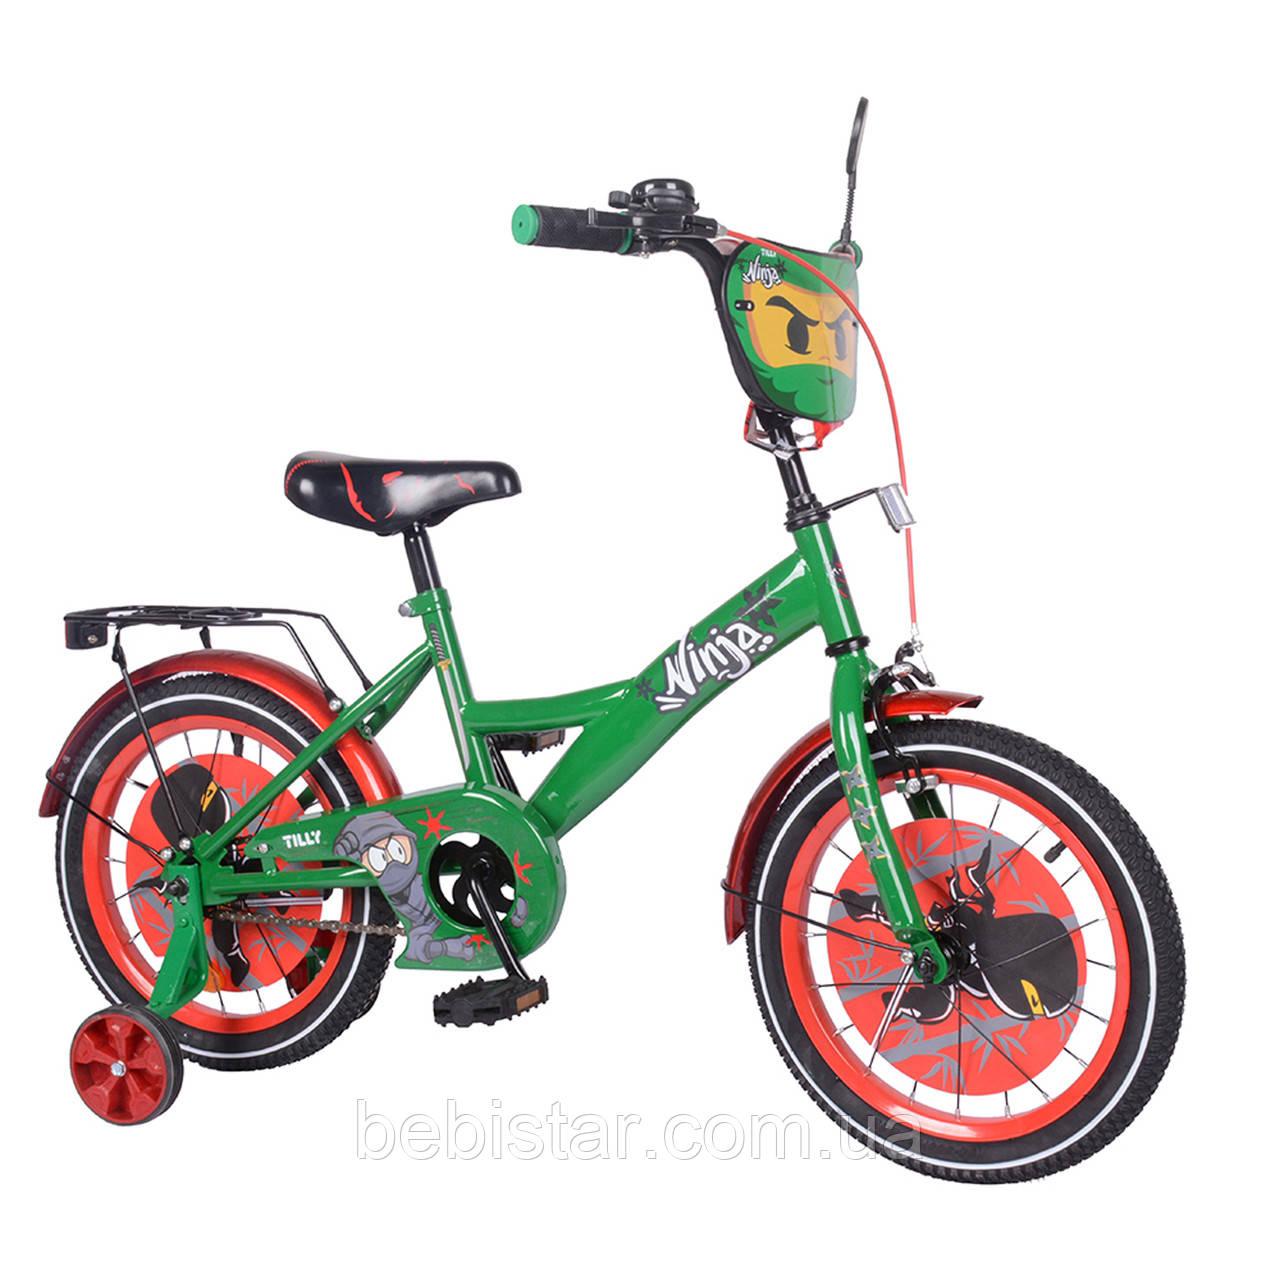 """Детский двухколесный велосипед бирюзовый и розовый обод TILLY Ninja 16"""" звоночек передний тормоз для  4-6 лет"""